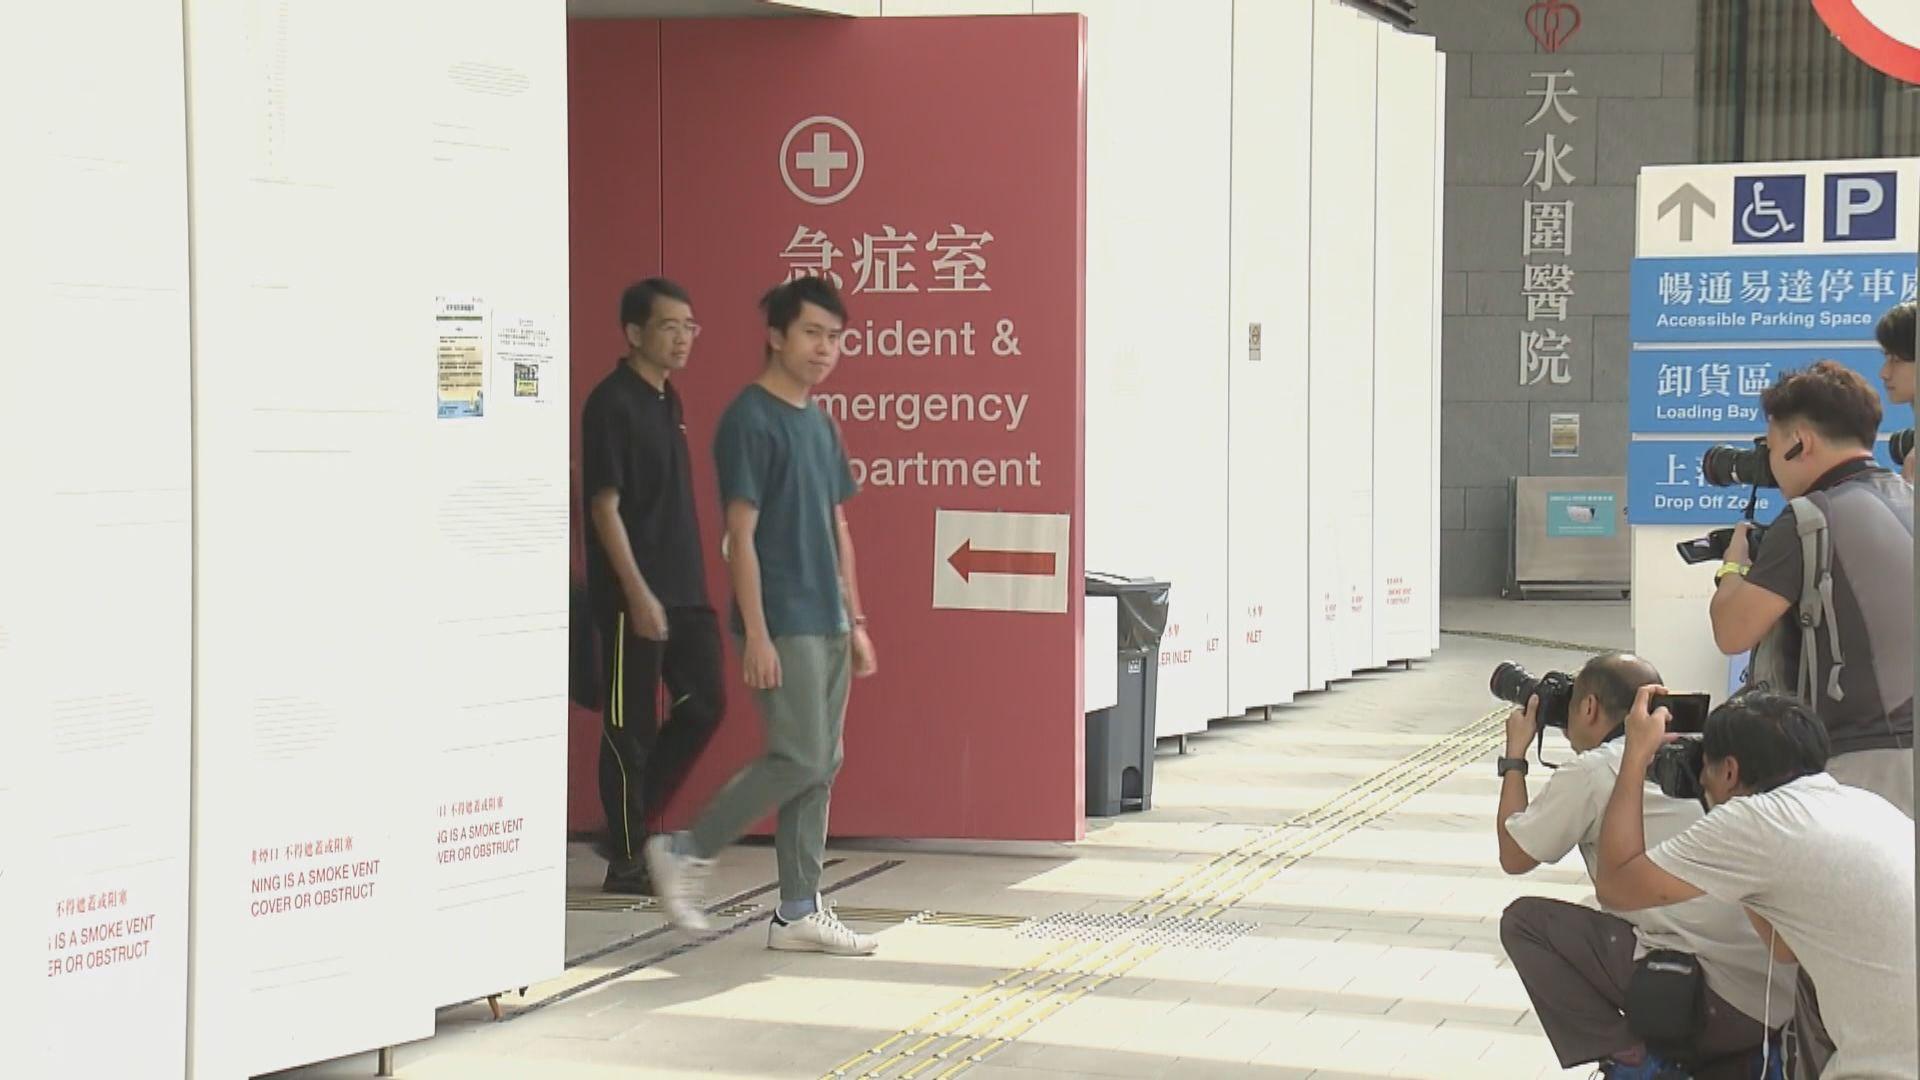 鄺俊宇遇襲 警方翻看附近閉路電視